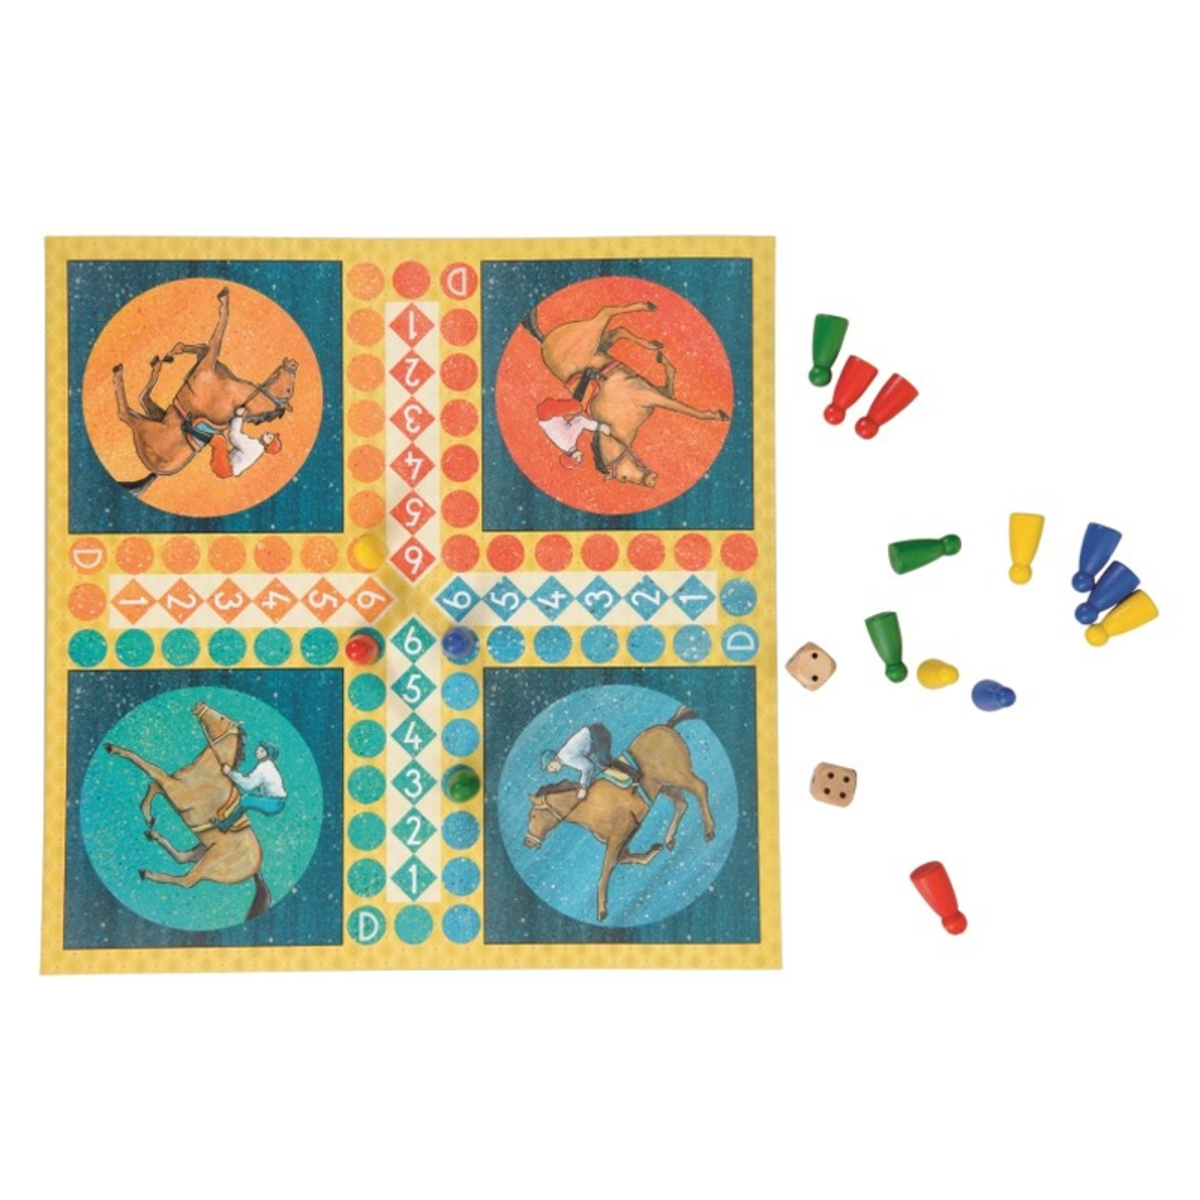 Mes premiers jouets Jeu des Petits Chevaux Jeu des Petits Chevaux